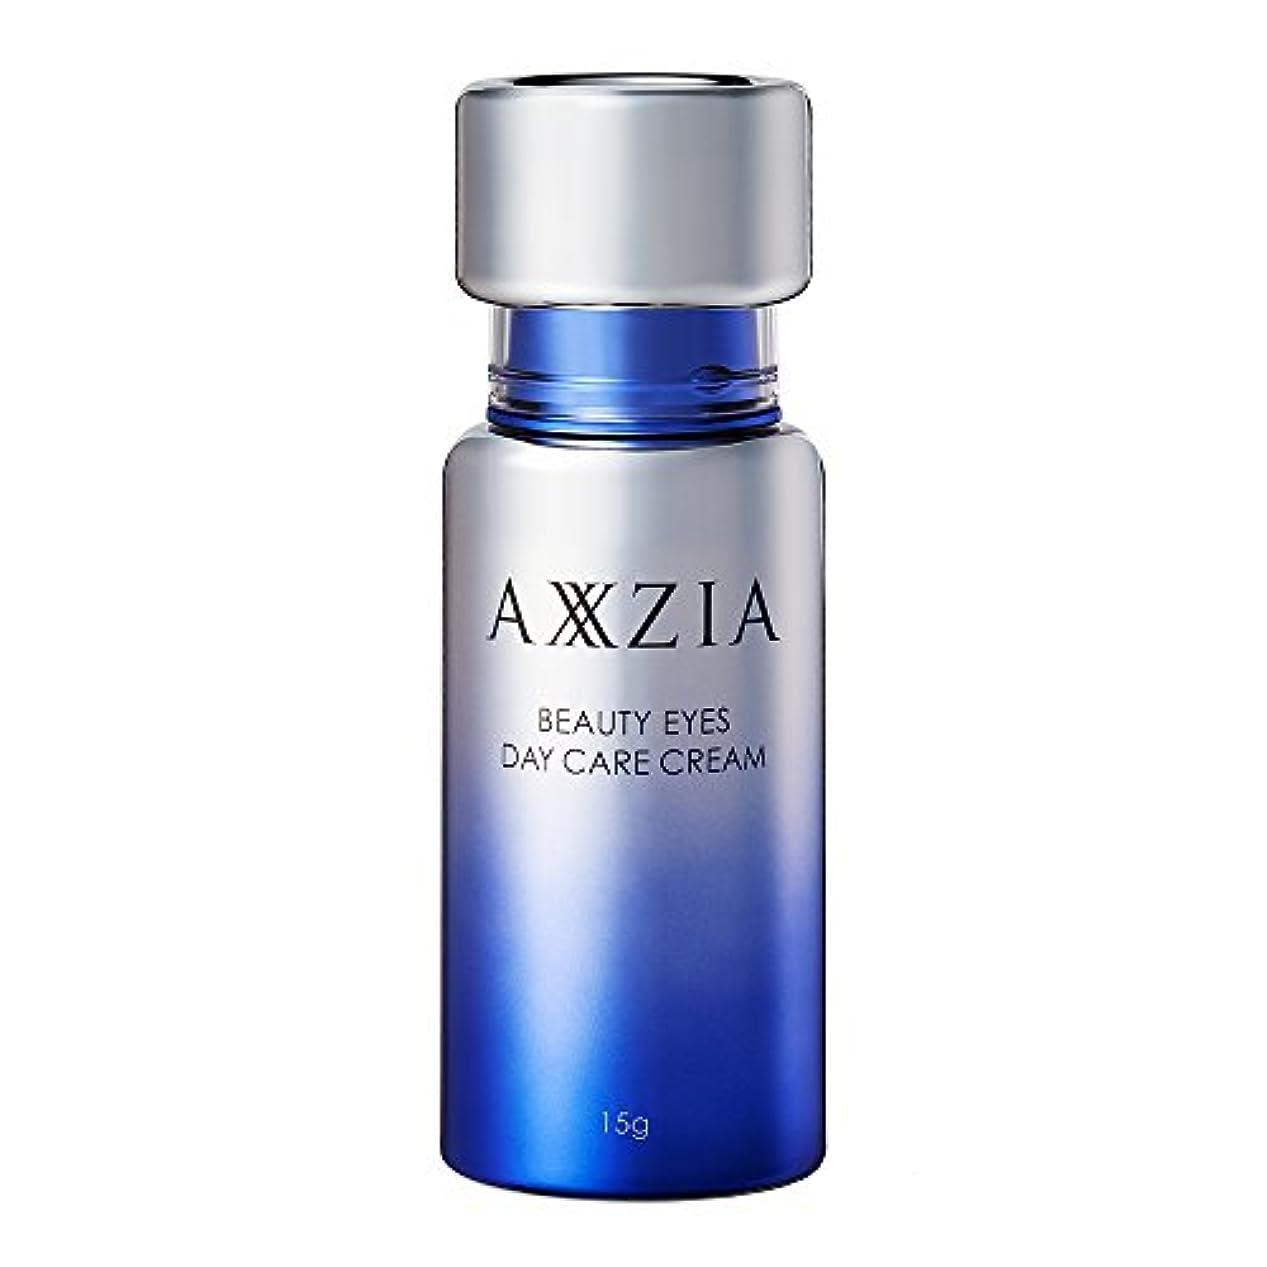 マークダウンリング歯科のアクシージア (AXXZIA) ビューティアイズ デイ ケア クリーム 15g   アイクリーム 目の下のたるみ 化粧品 解消 目元のたるみ